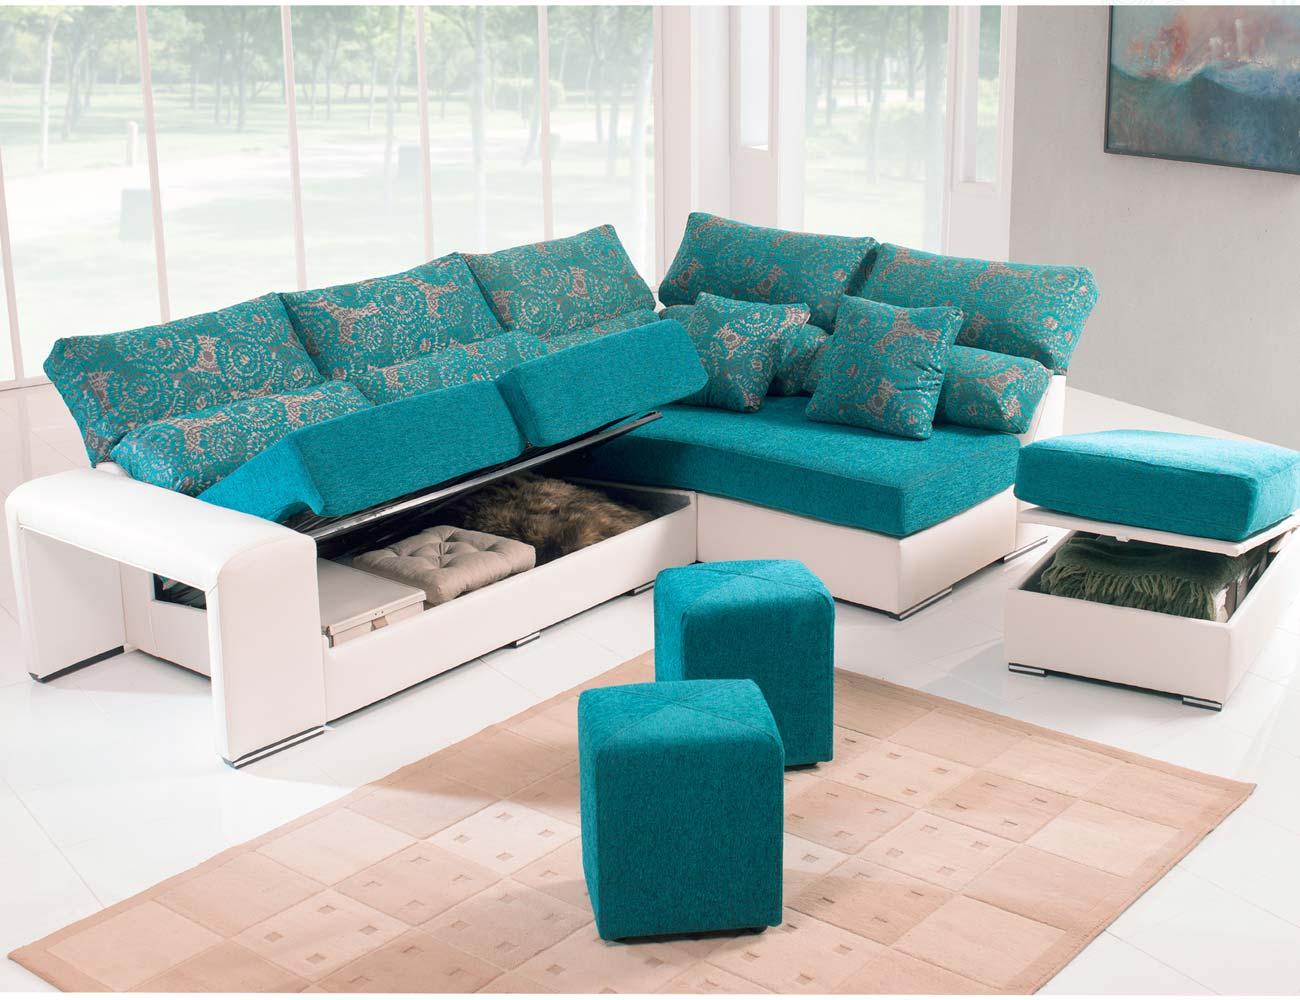 Sofa chaiselongue rincon puff arcon taburete2